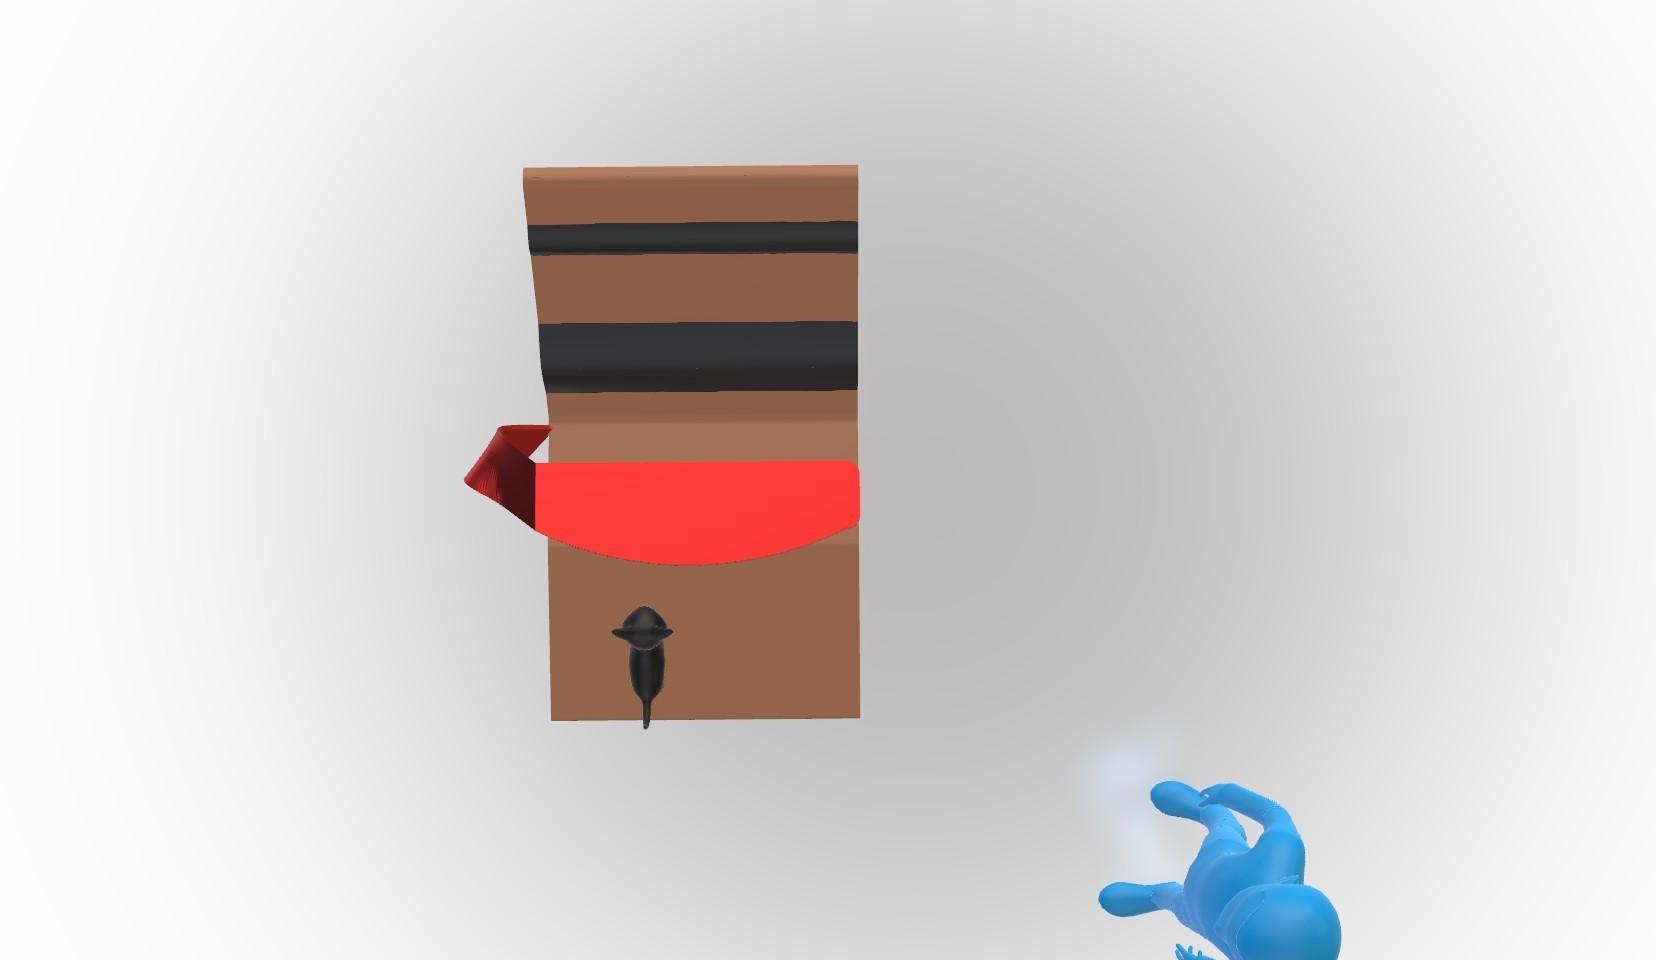 dessus.jpg Télécharger fichier STL gratuit le lazydeskchair • Objet à imprimer en 3D, spiriteom